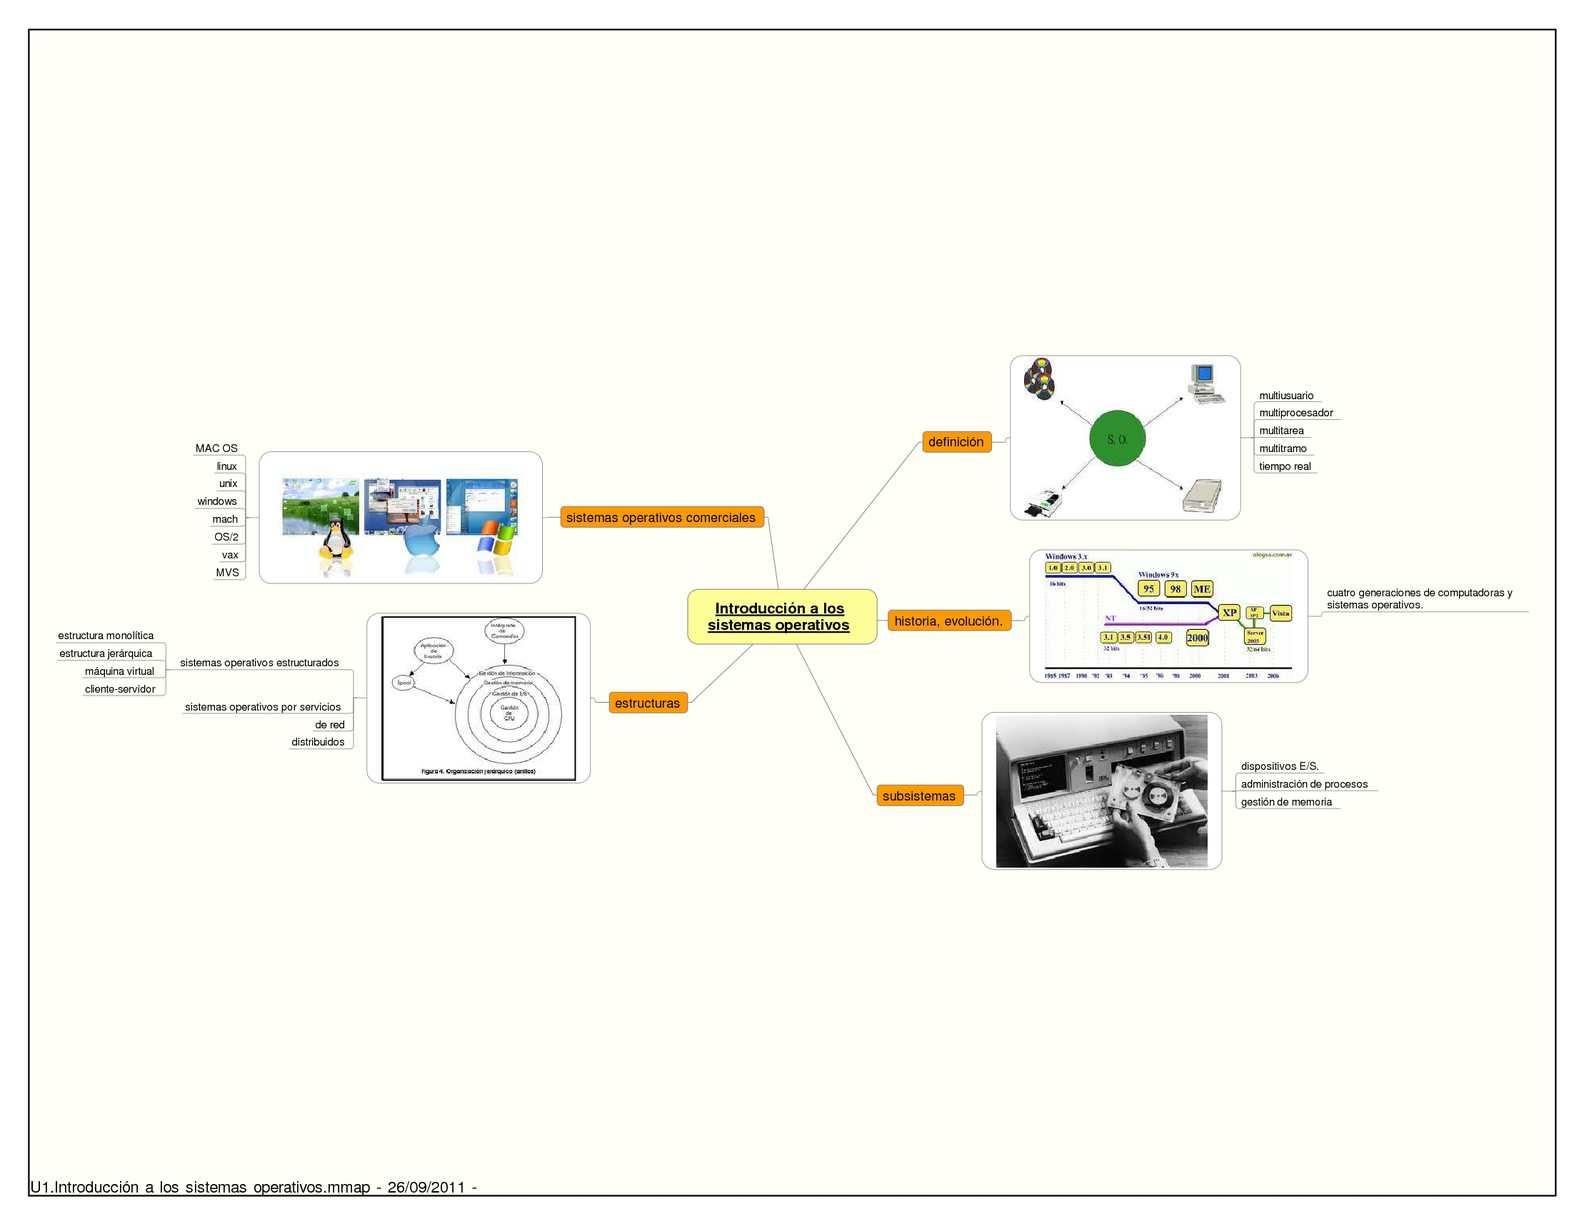 Calaméo Introduccion A Los Sistemas Operativos